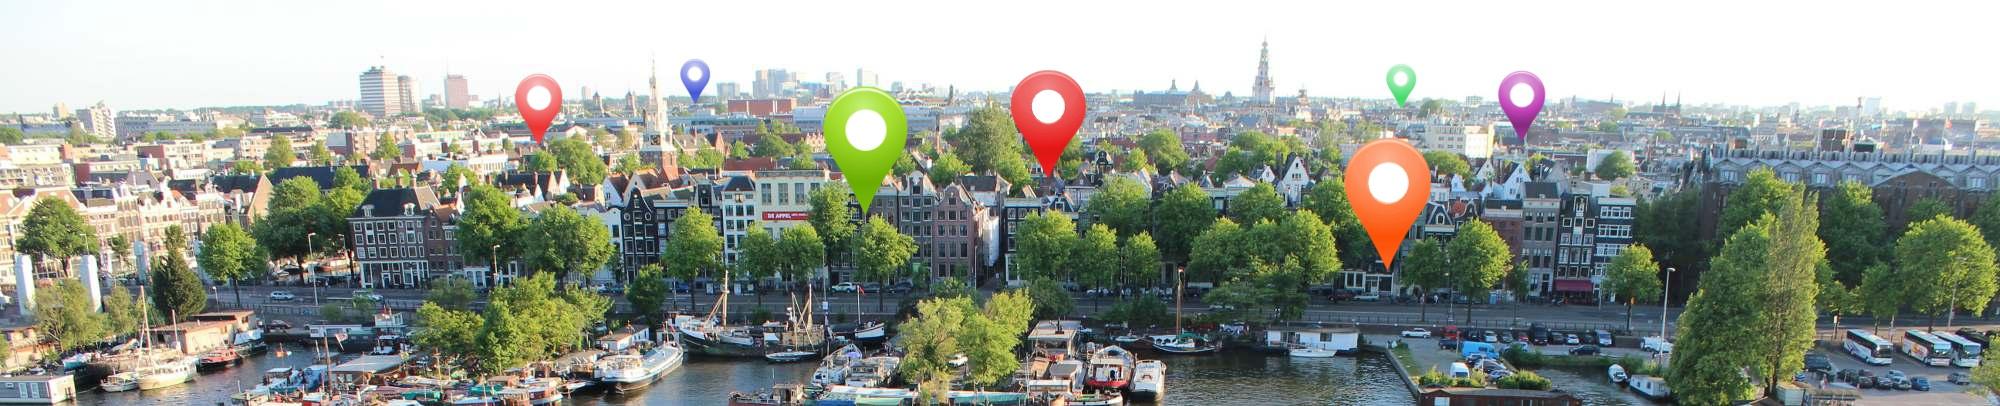 Guida vacanze amsterdam guida coffee shop for Dormire a amsterdam consigli